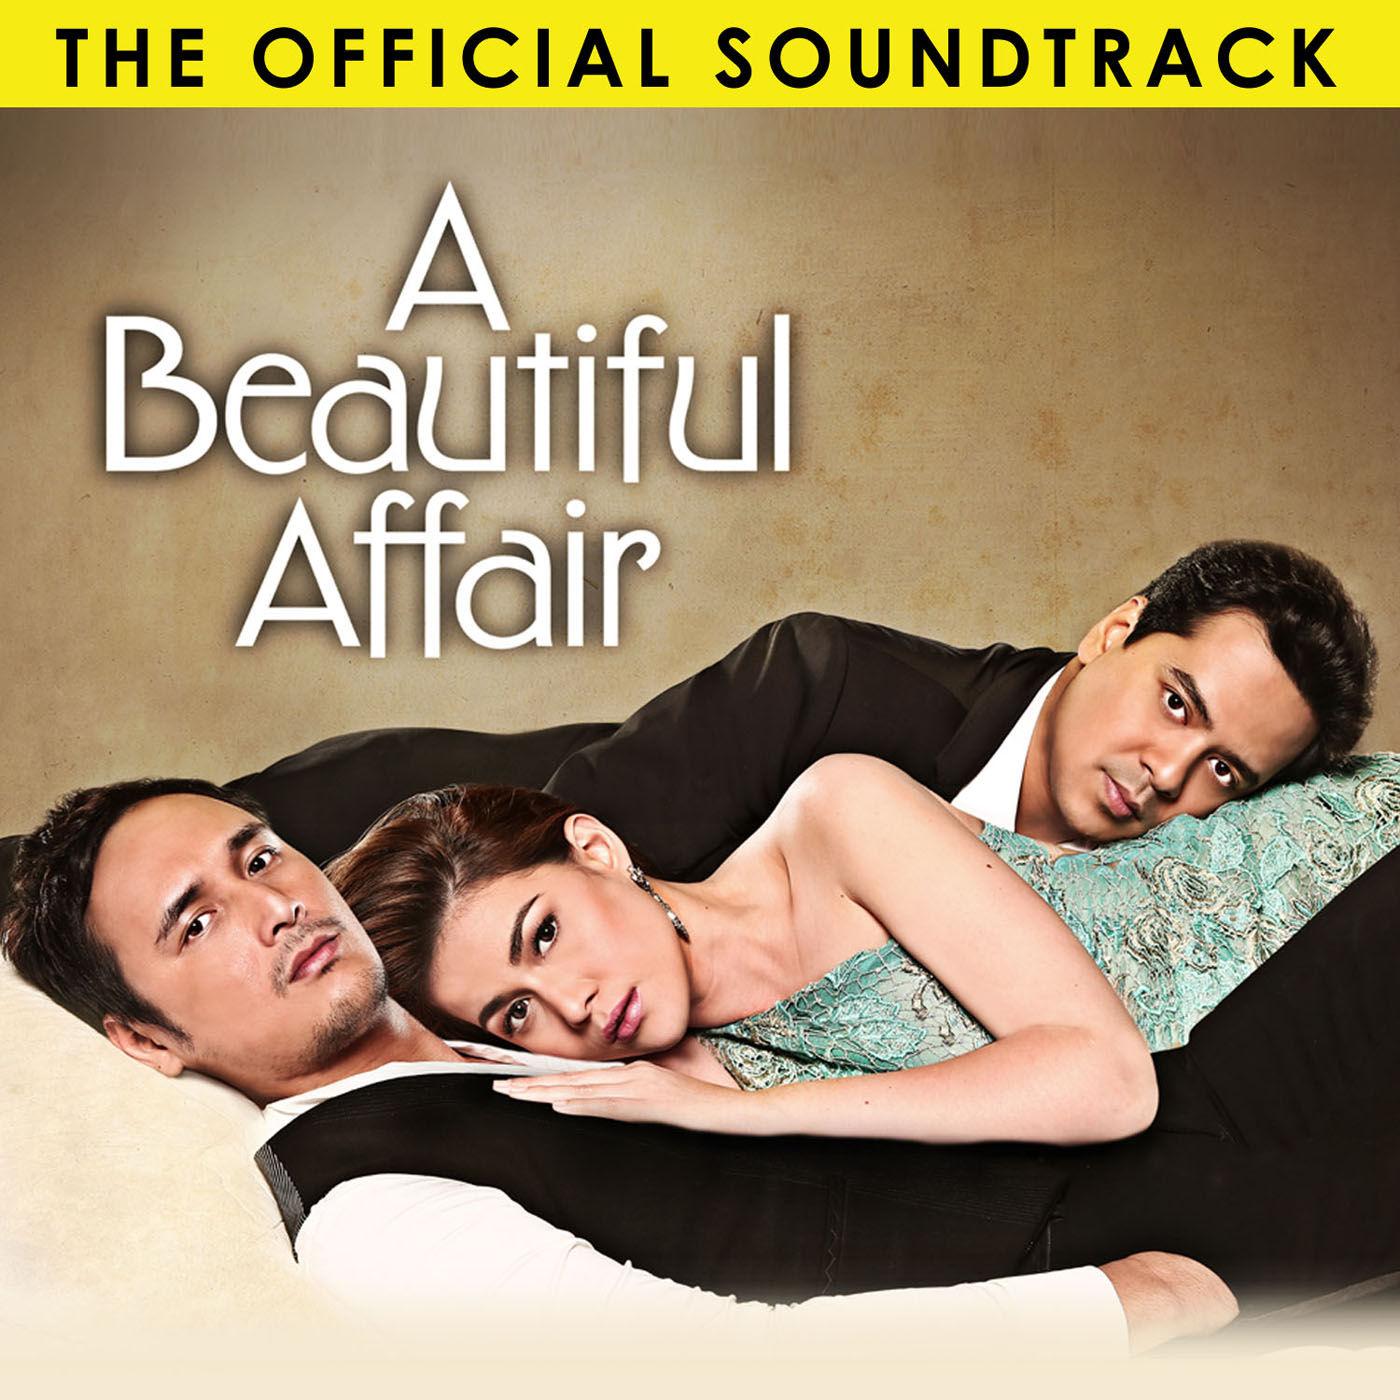 ピーター・セテラ&シェールのアフター・オール (After All) by マーティン・ニエヴェラ&ヴィーナ・モラレス (Martin Nievera & Vina Morales)